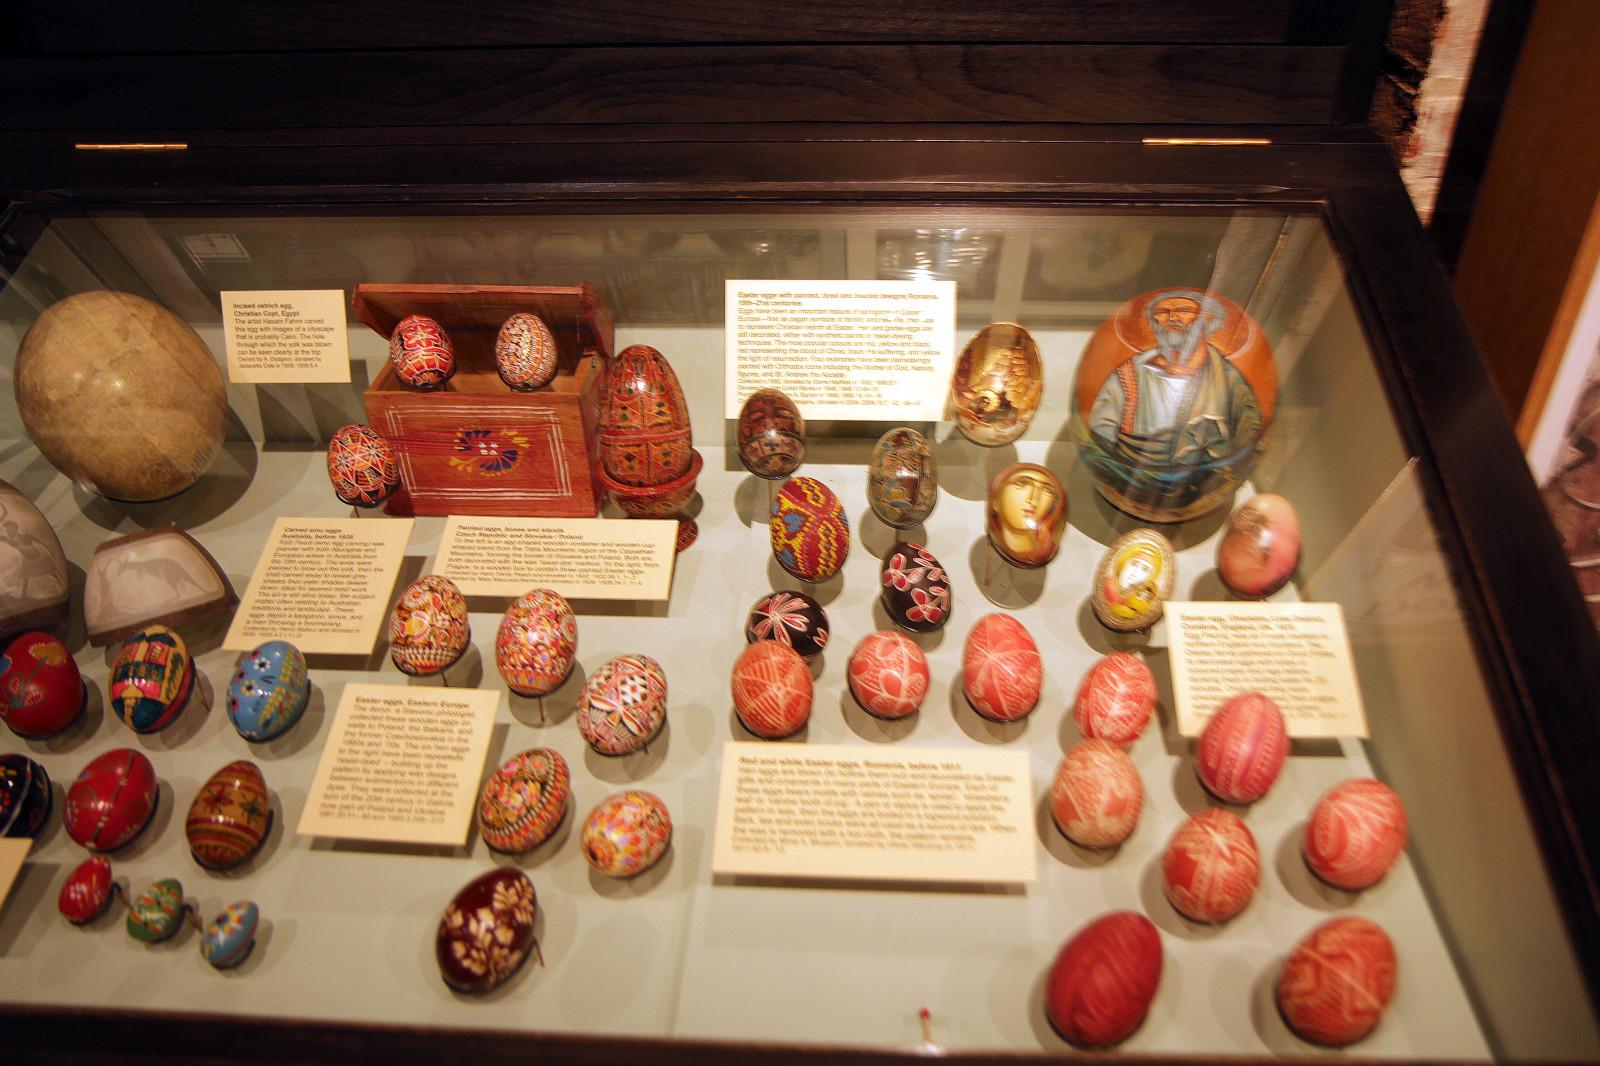 1 pav. Margučių kolekcija iš Rytų Europos ir stručio emu išraižyti kiaušiniai iš Australijos. Pitt Rivers muziejaus ekspozicija. Fot. R. Račiūnaitė-Paužuolienė, 2012 m.